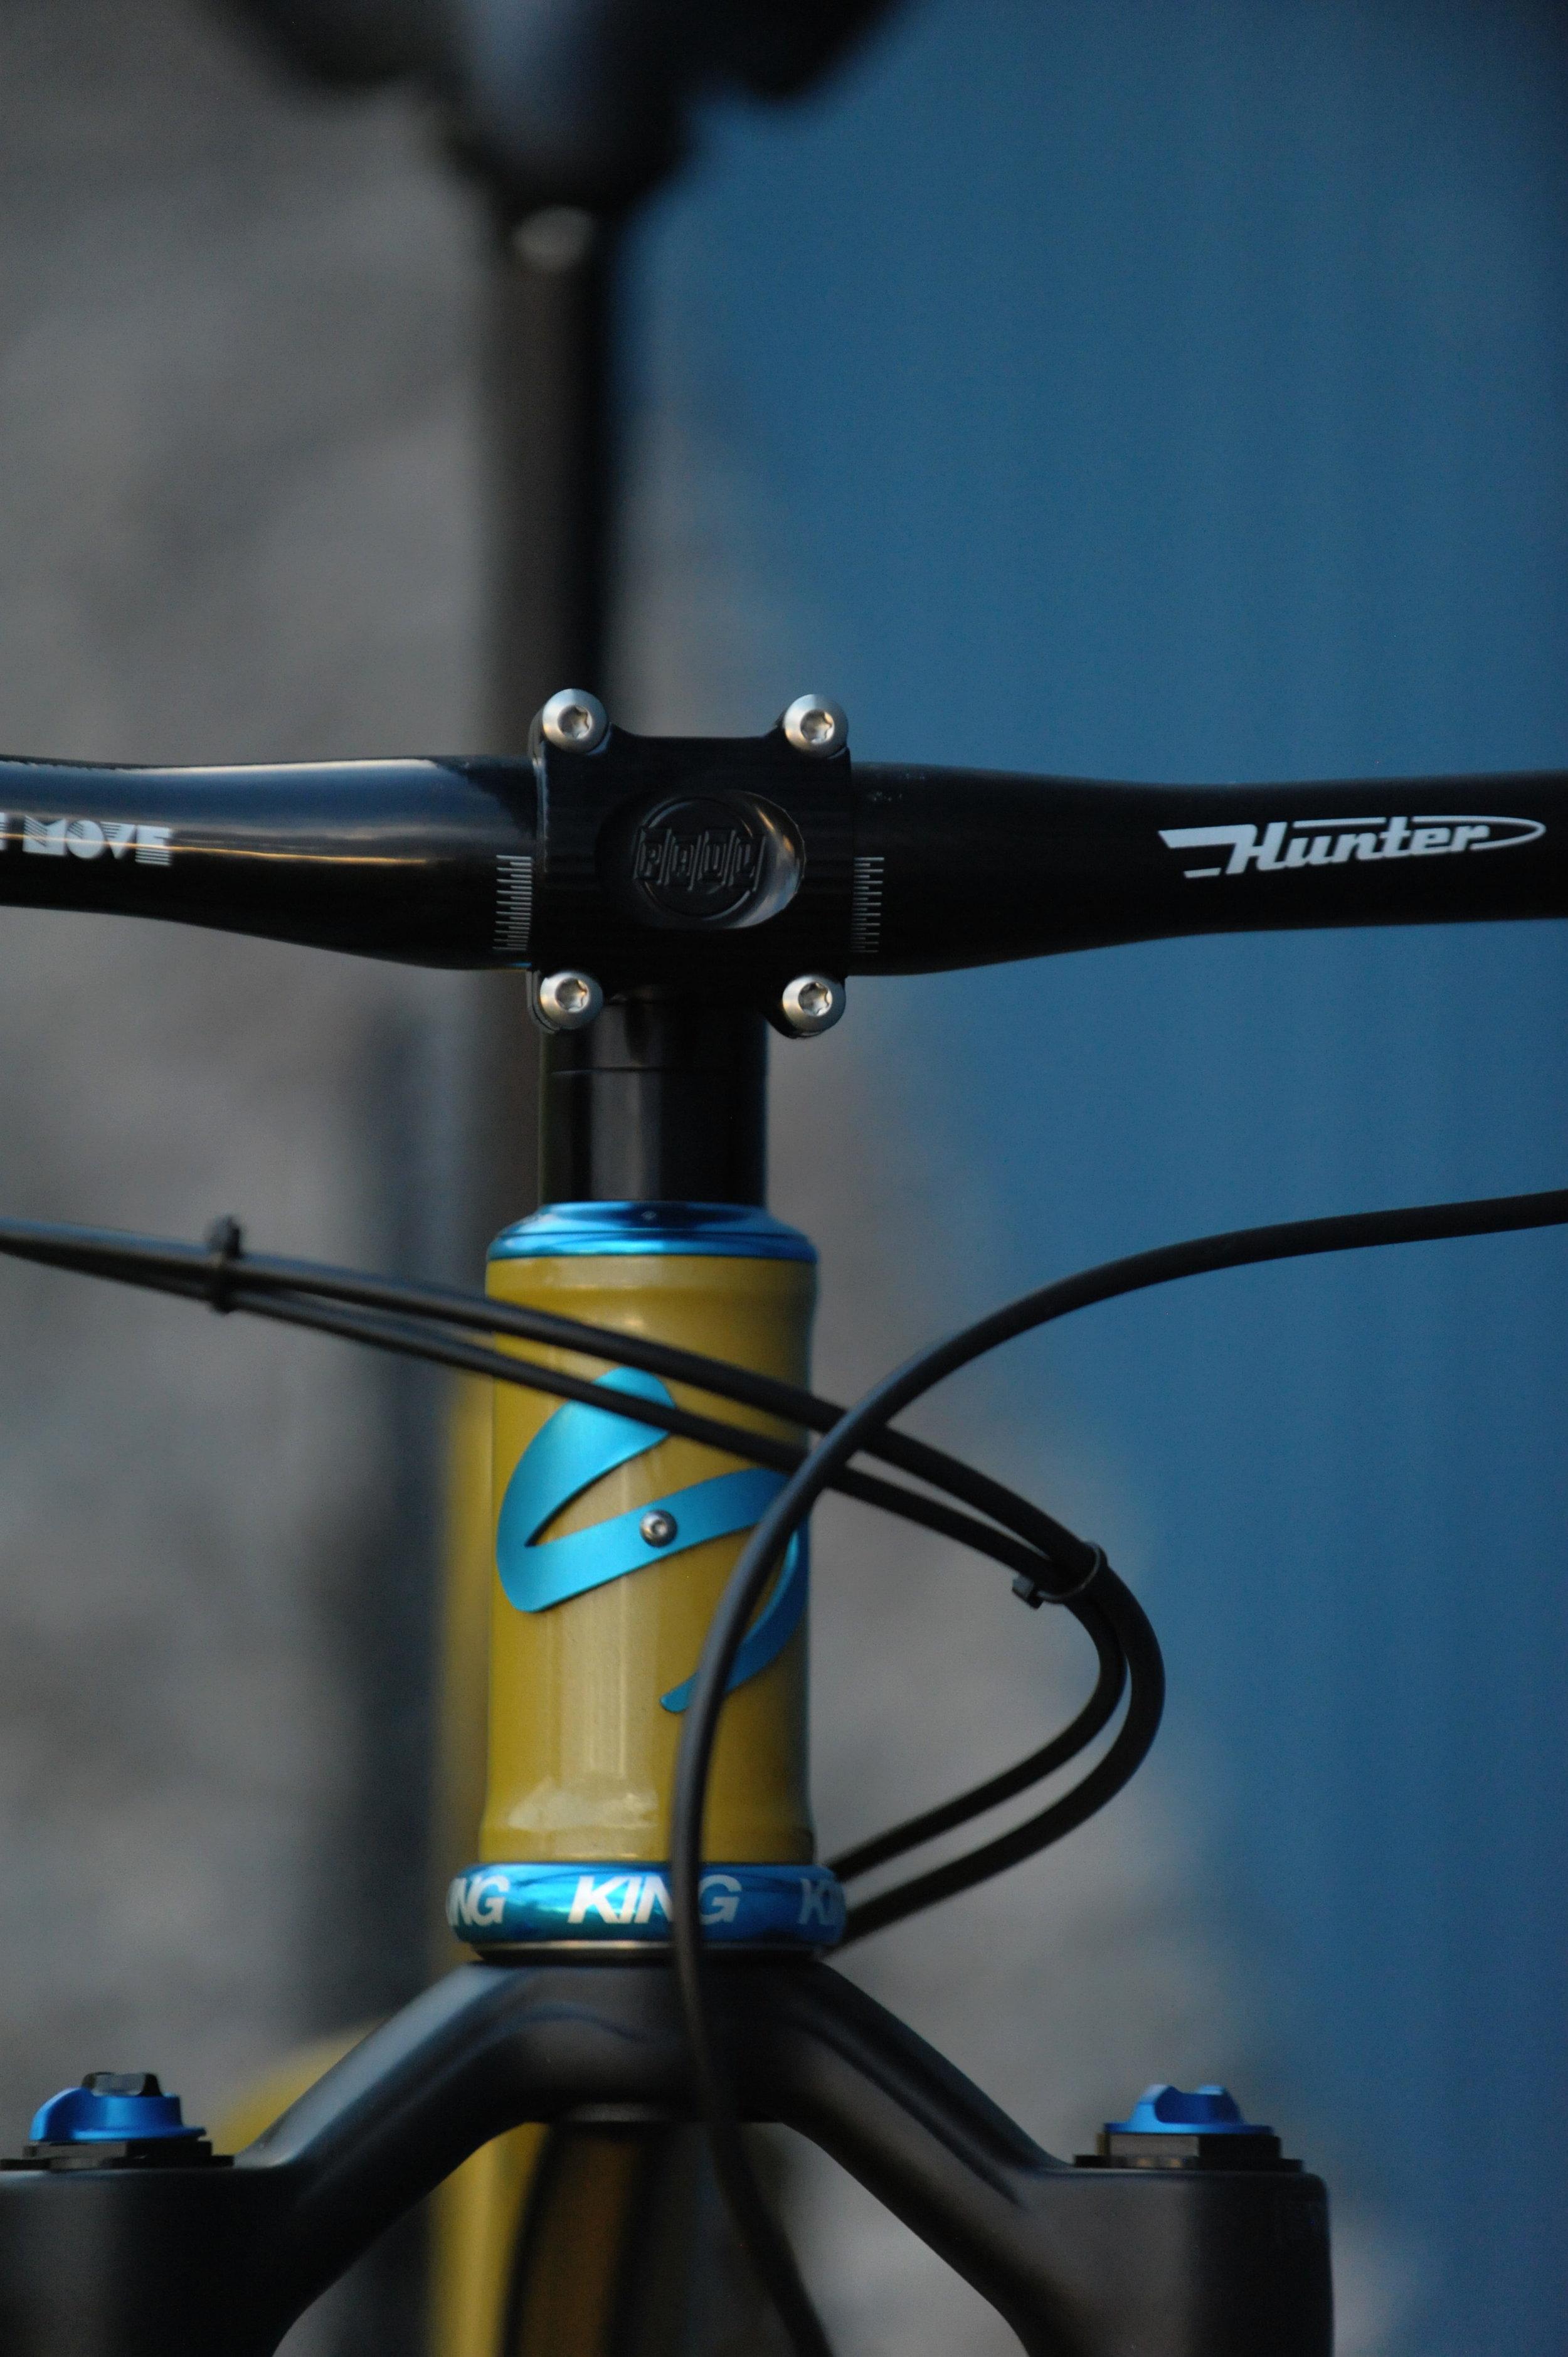 Sklar custom steel mountain bike frame